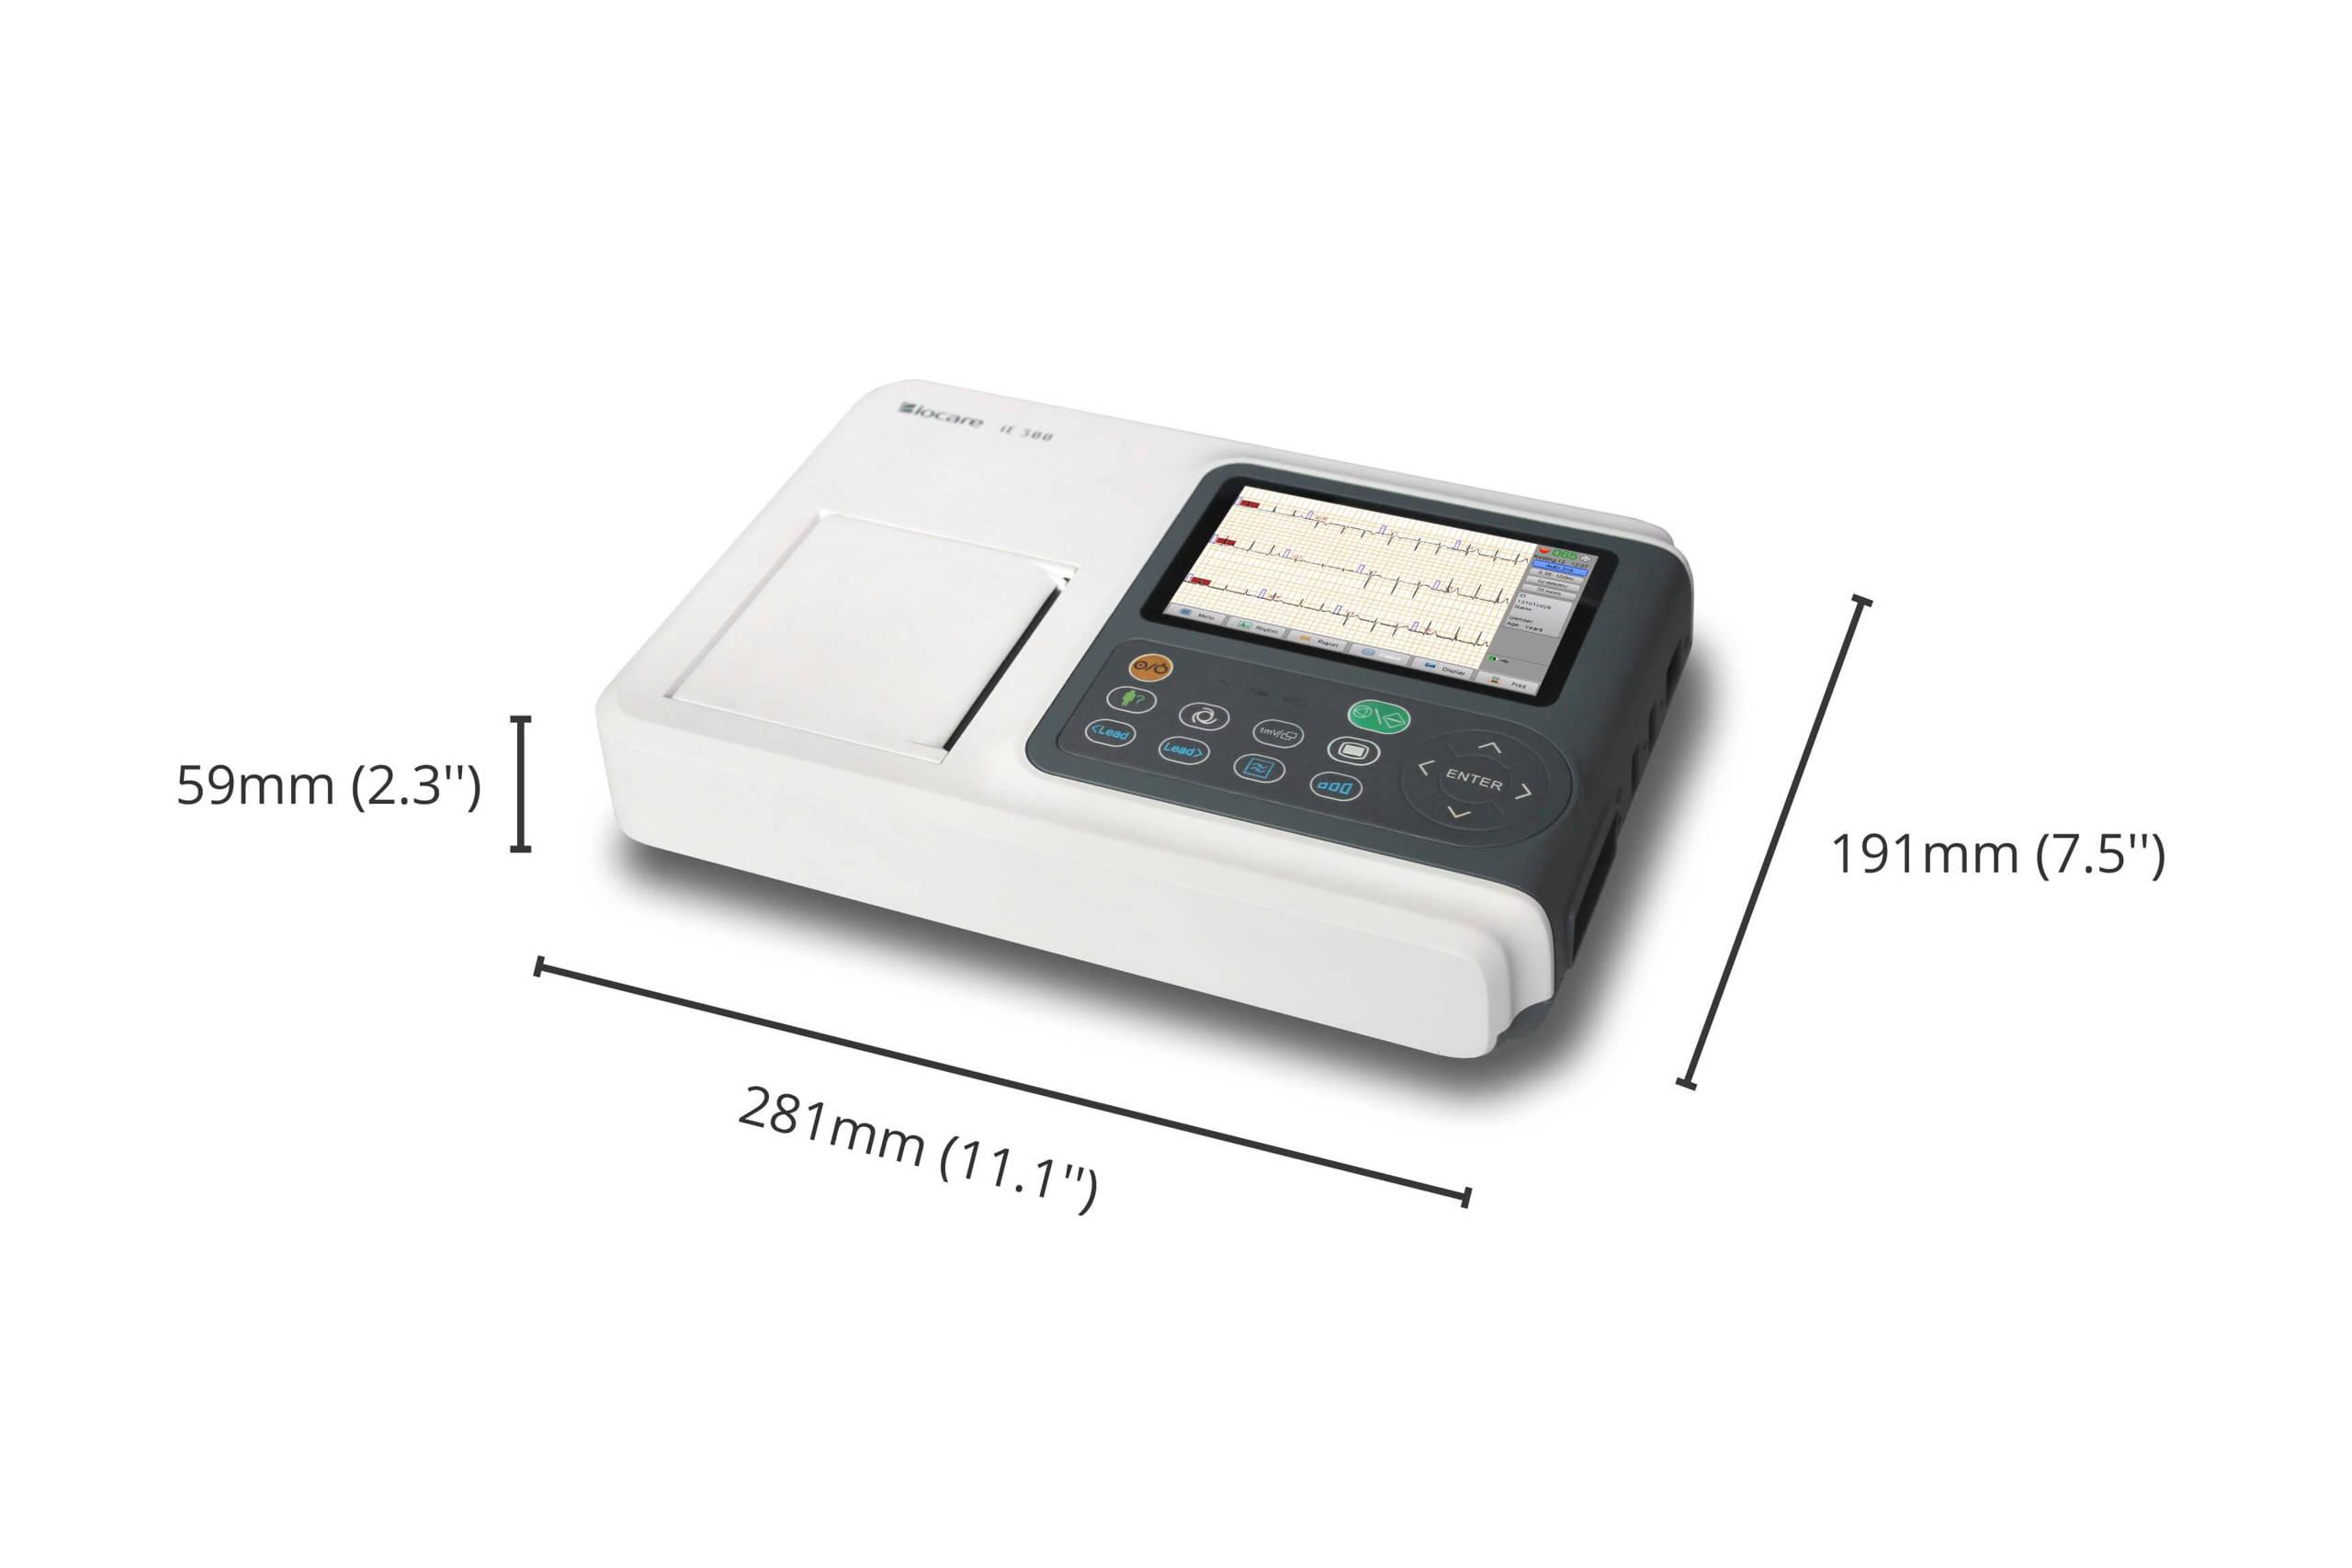 مواصفات حجم جهاز Wellue Biocare ECG ، الطول: 281 مم ، الارتفاع: 59 مم ، العرض: 191 مم.